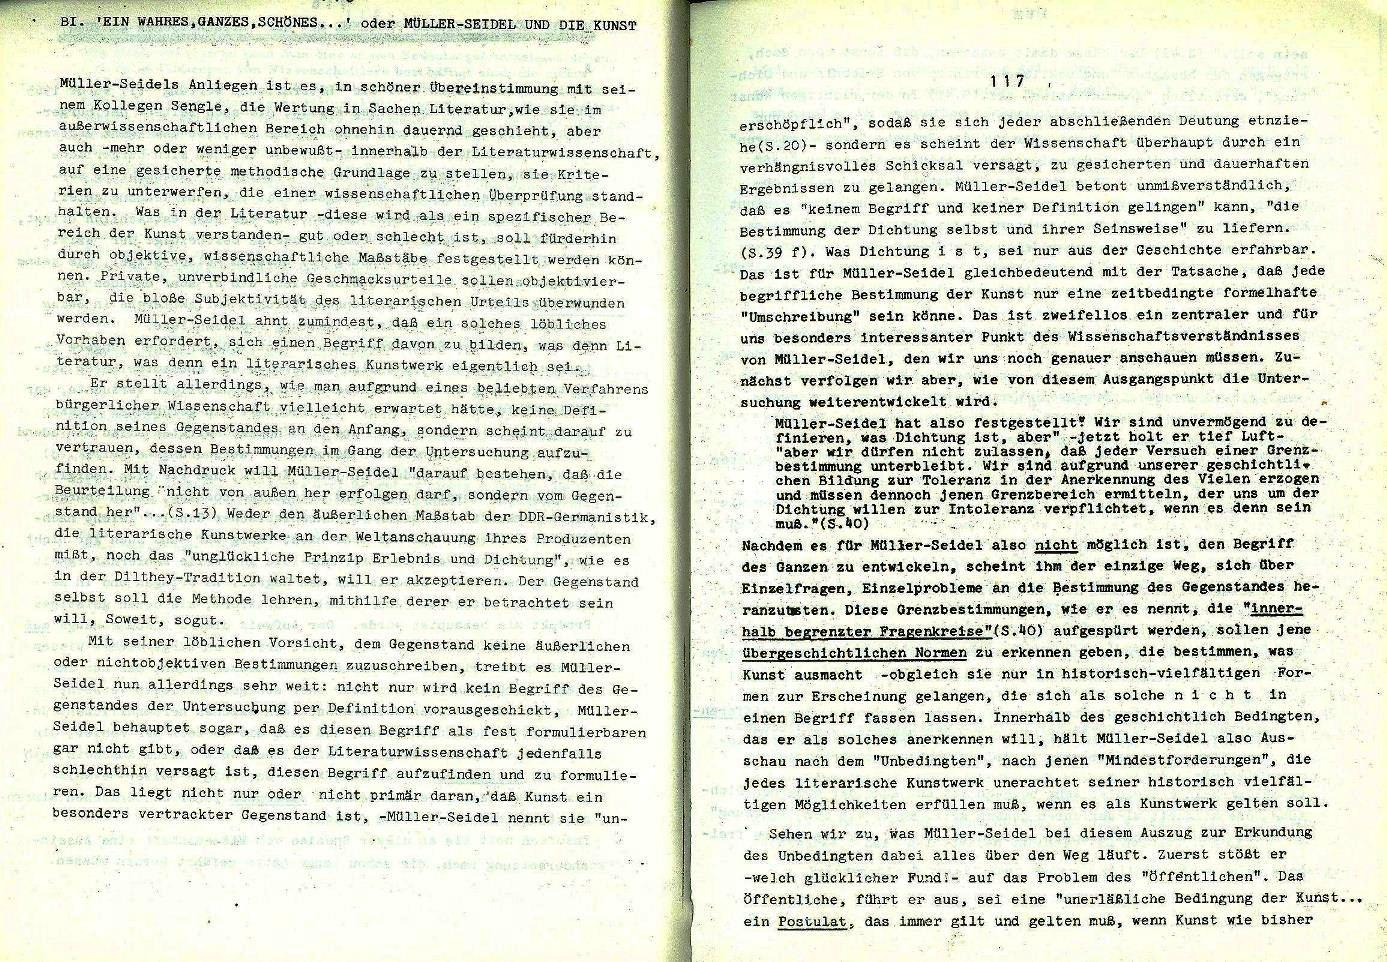 Muenchen_AK_Sozialistisches_Studium061